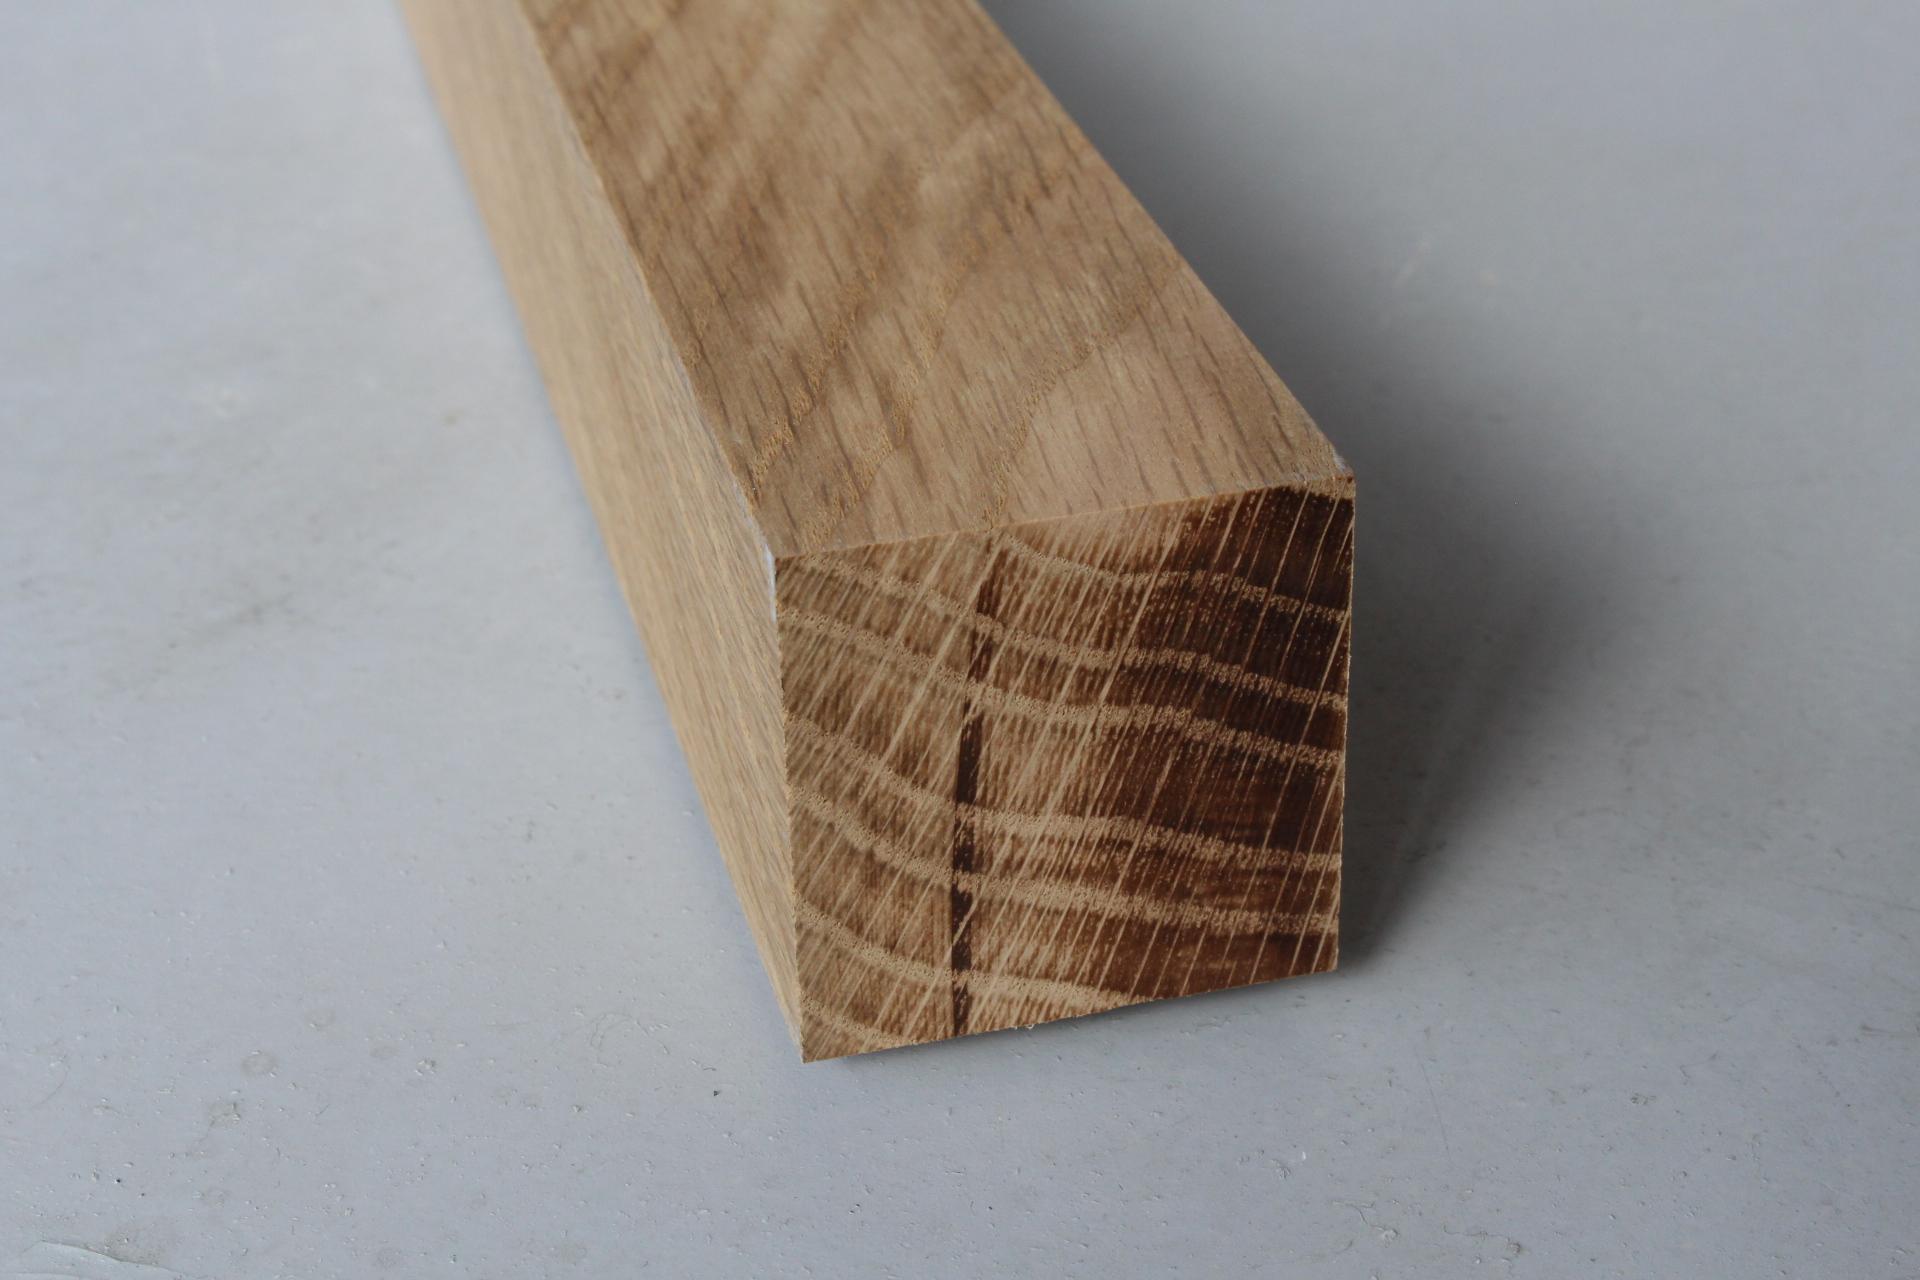 Tasseau Bois Exotique Exterieur tasseau chêne massif - 44 x 44